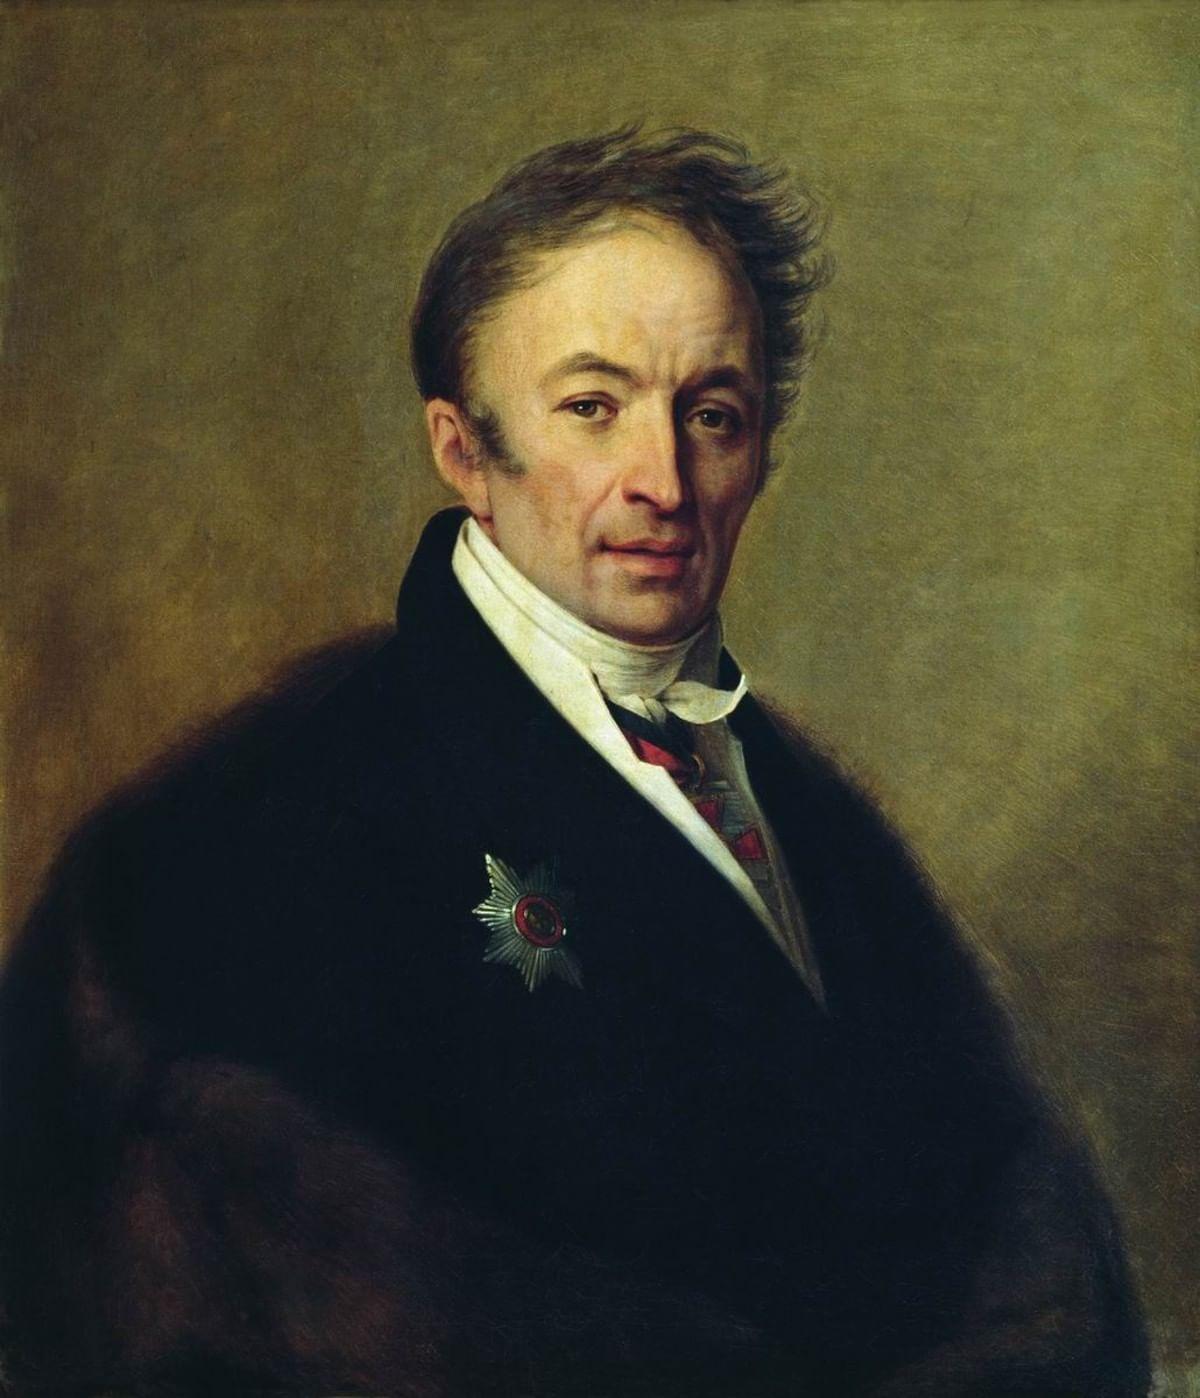 Матери-героини Российской империи: Портреты и стихи. Карамзины